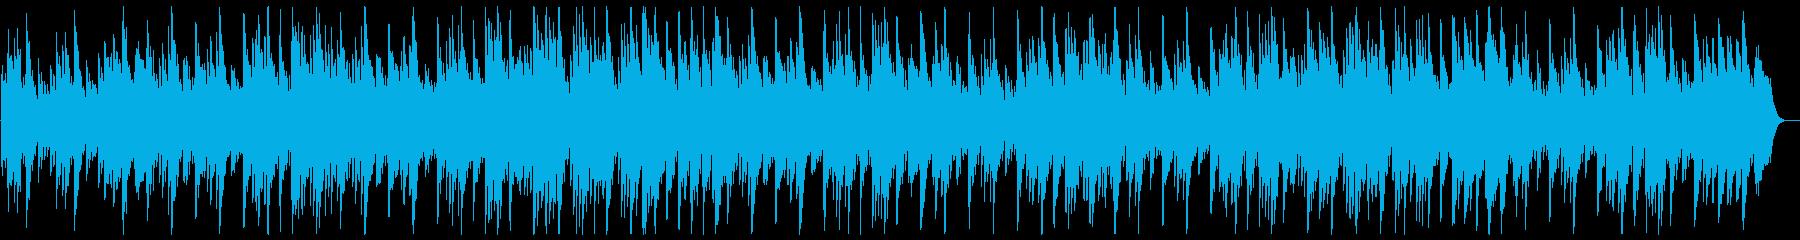 ふんわり包み込む夢のあるオルゴールの曲の再生済みの波形